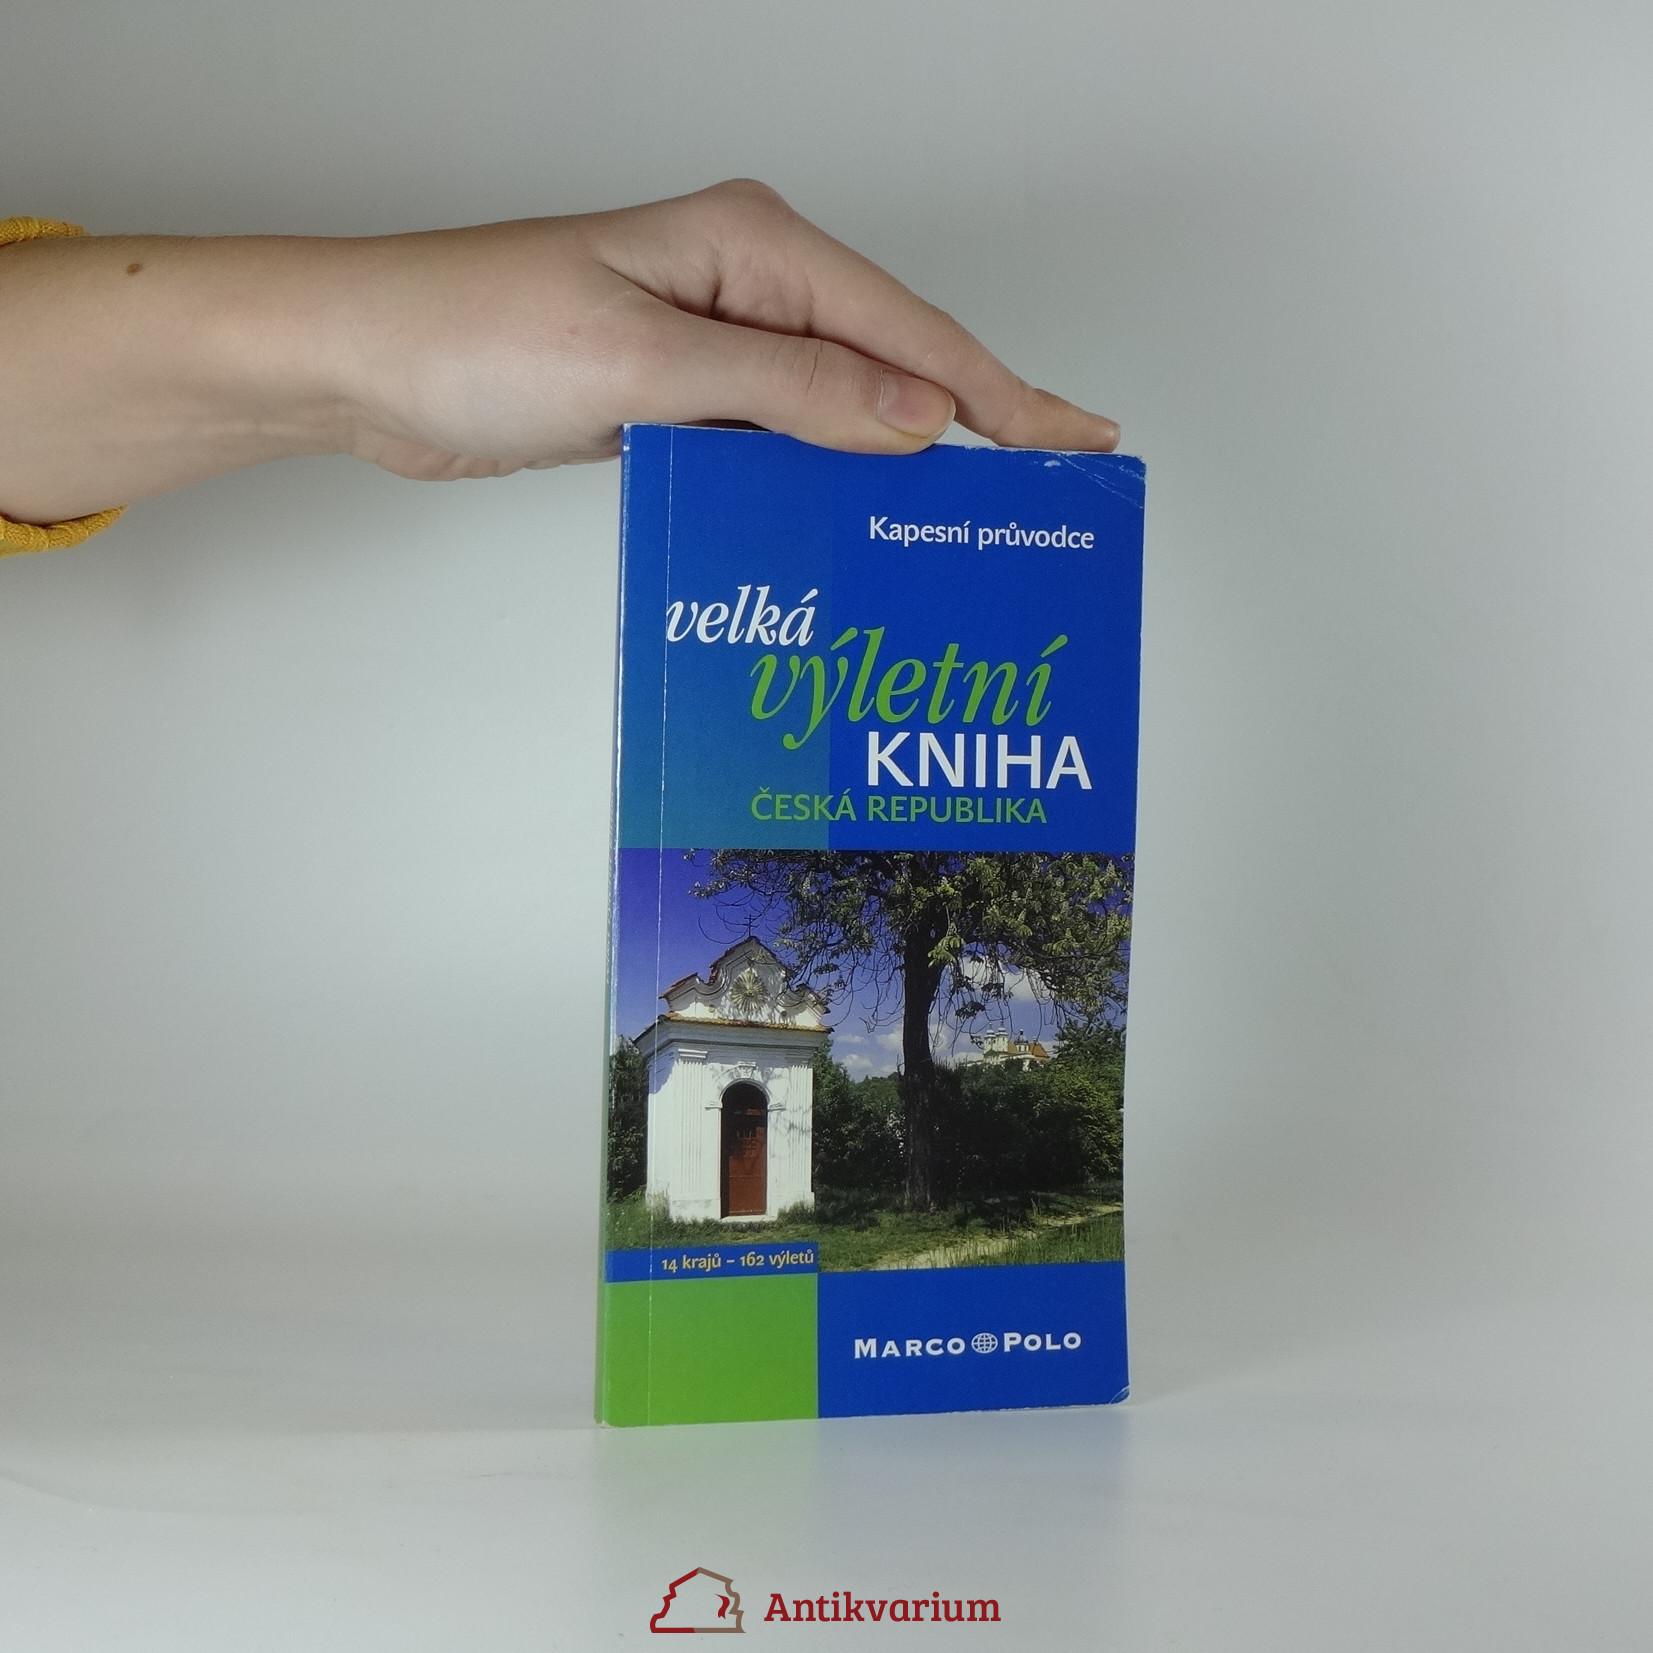 antikvární kniha Velká výletní kniha. Česká republika., neuveden